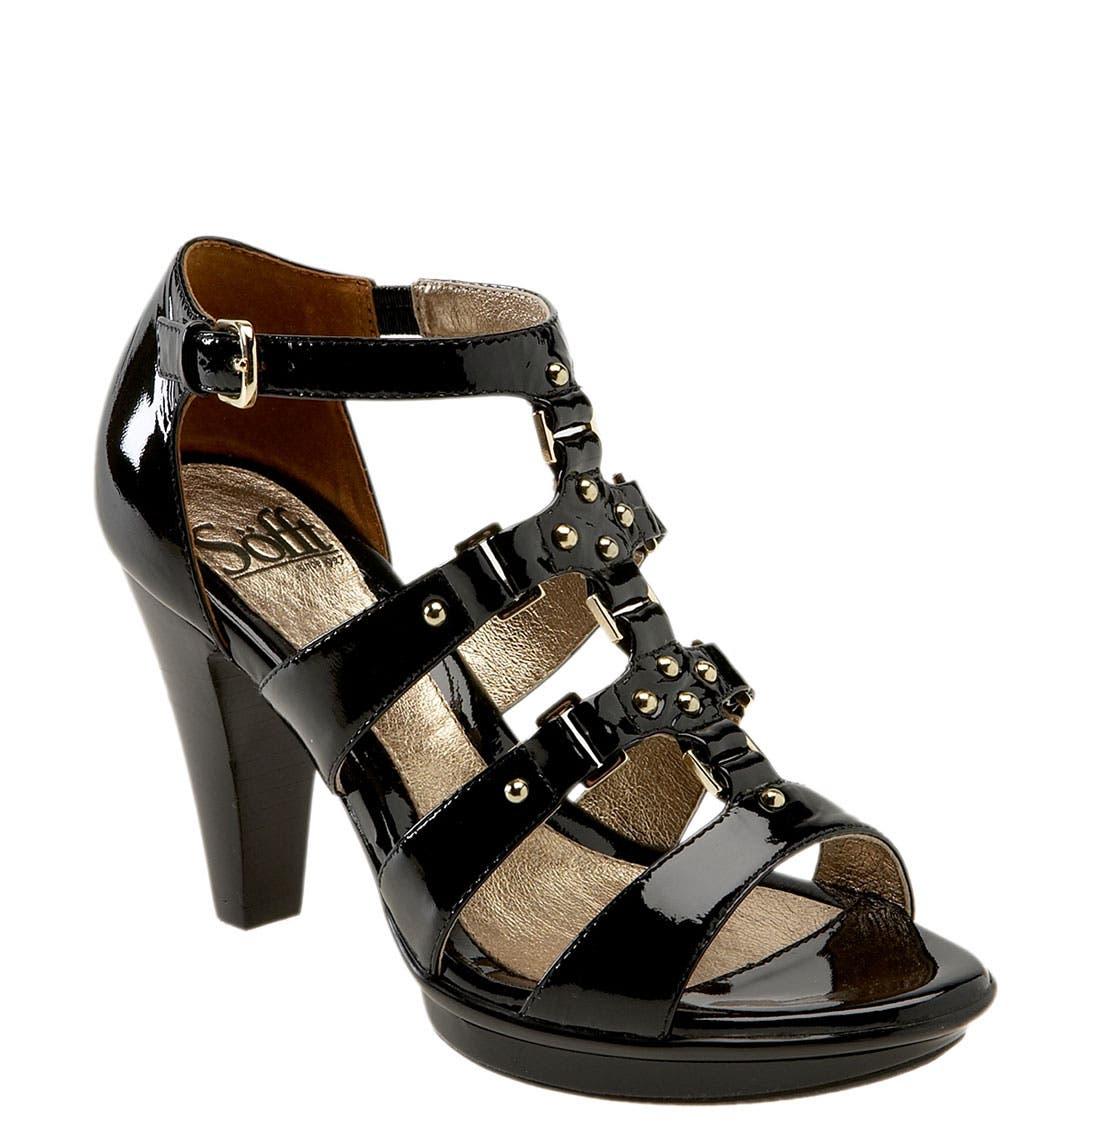 Alternate Image 1 Selected - Söfft 'Rachelle' Sandal